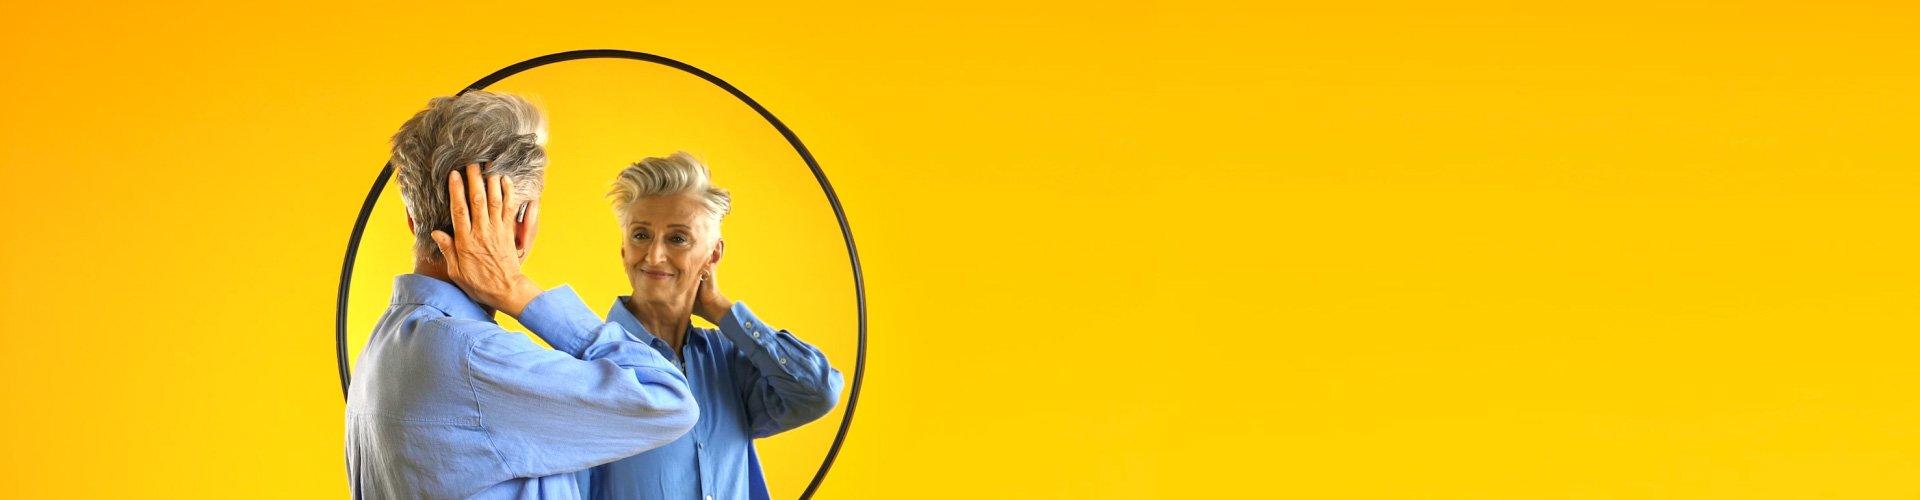 Une femme souriante qui porte un appareil auditif Philips HearLink et qui se regarde dans le miroir